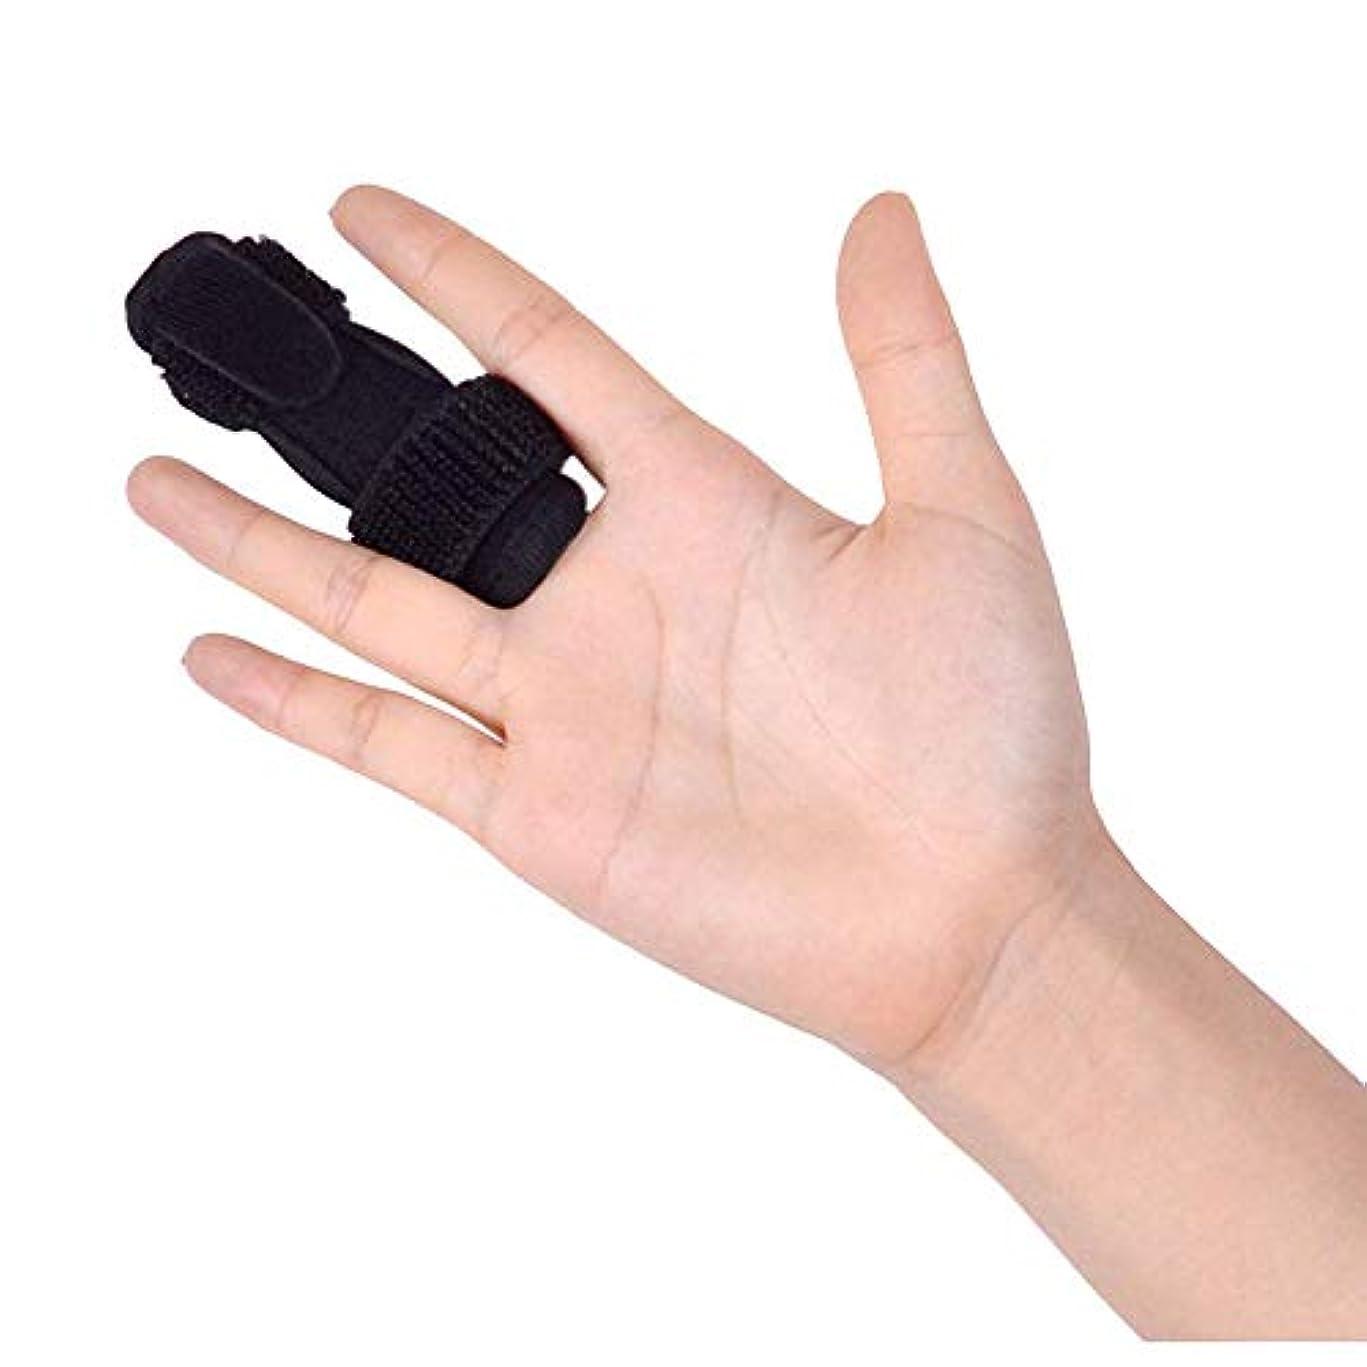 実際に頭痛サイクル指サポーター 指保護 ばね指サポーター 腱鞘炎 調整自在 気性良好 左右兼用 ブラック